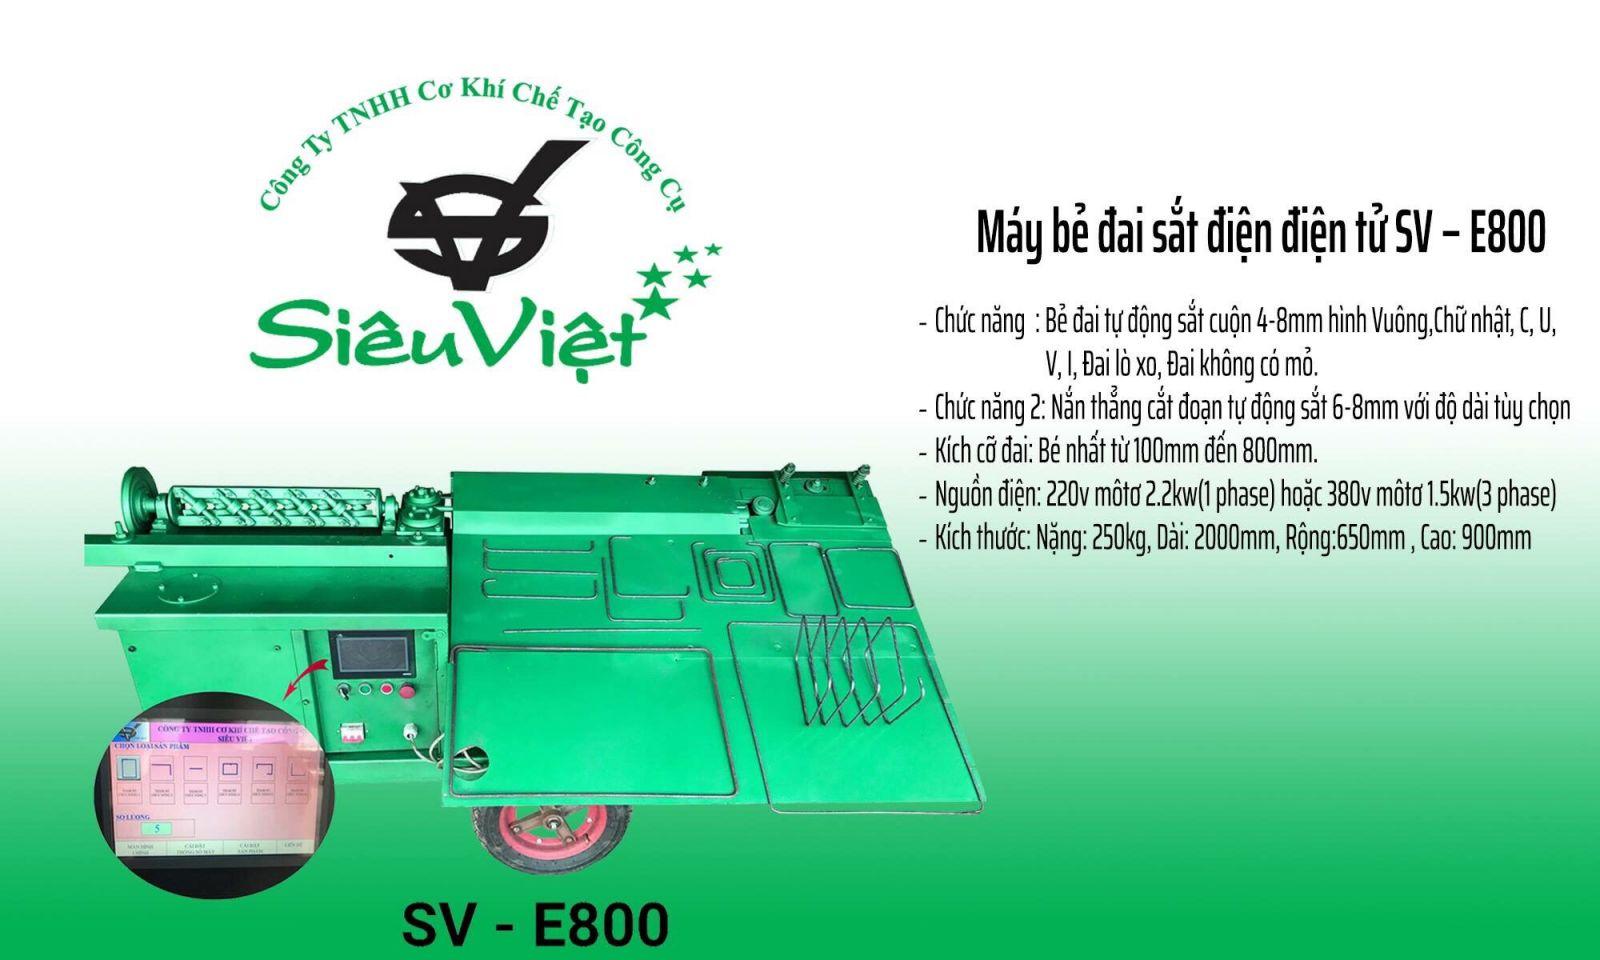 Máy bẻ đai điện tử sve 800, Máy bẻ đai điện tử Siêu Việt